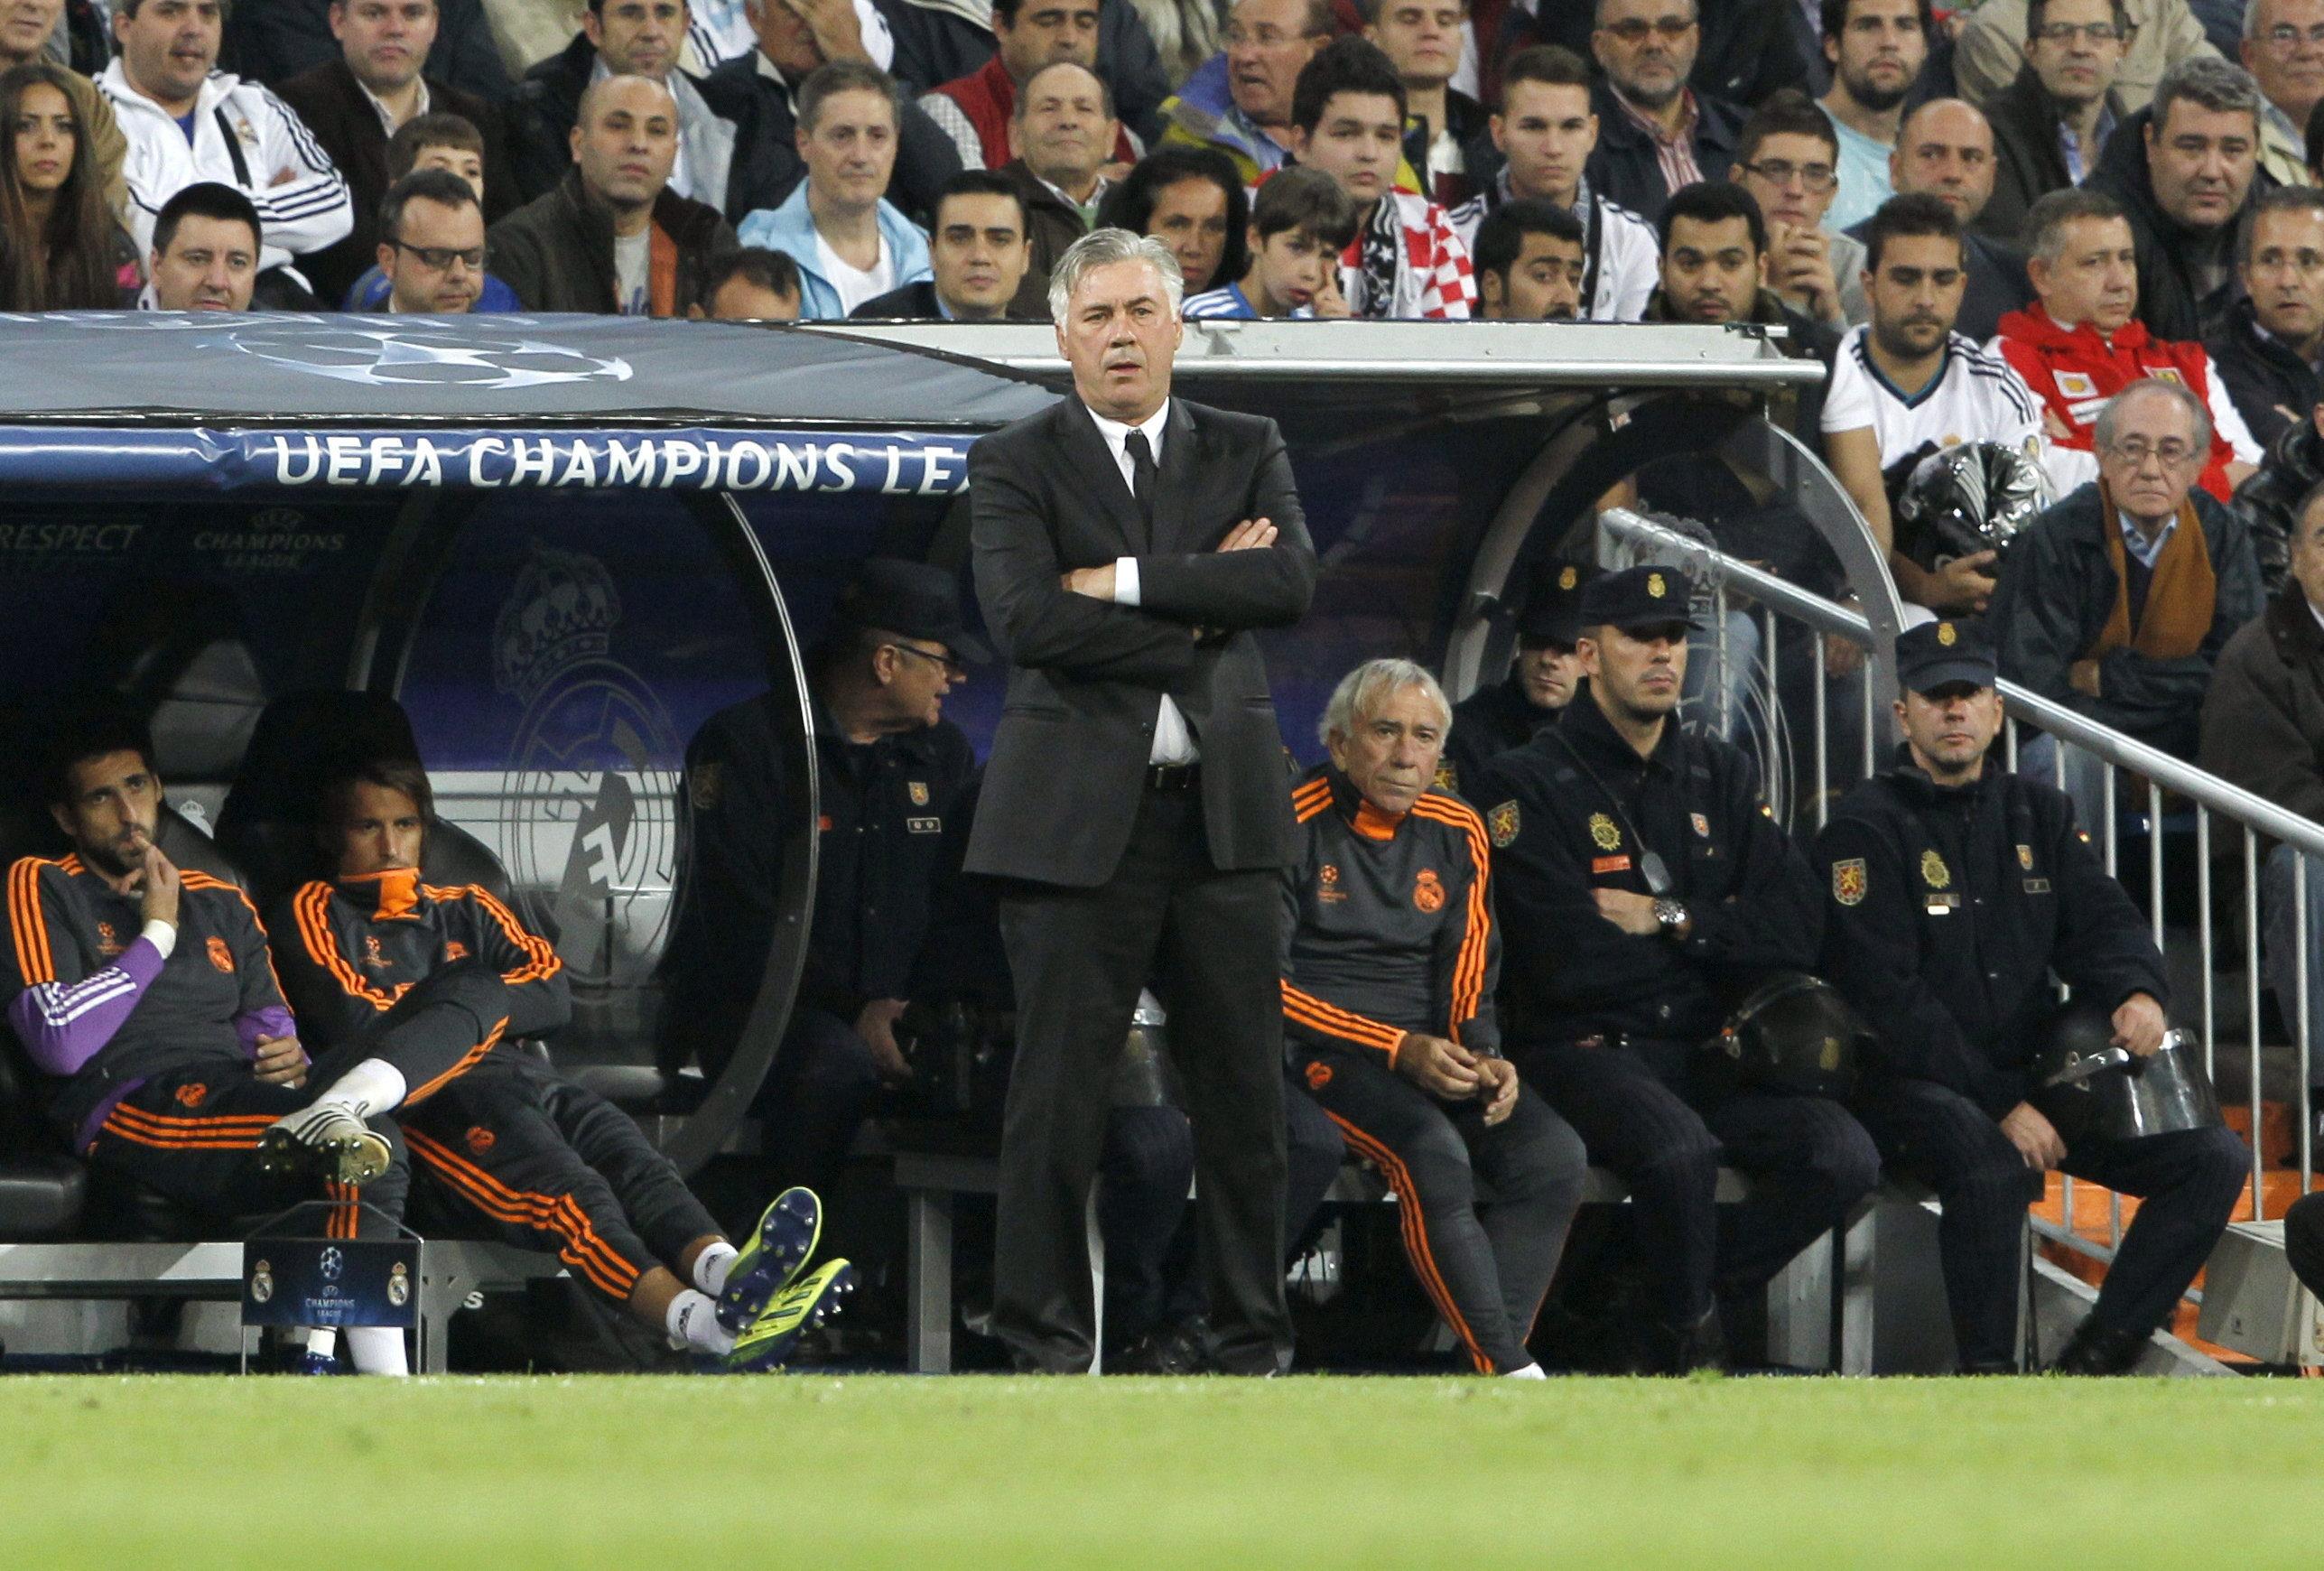 Ancelotti y Simeone sonríen mientras que Guardiola y Mourinho gimotean